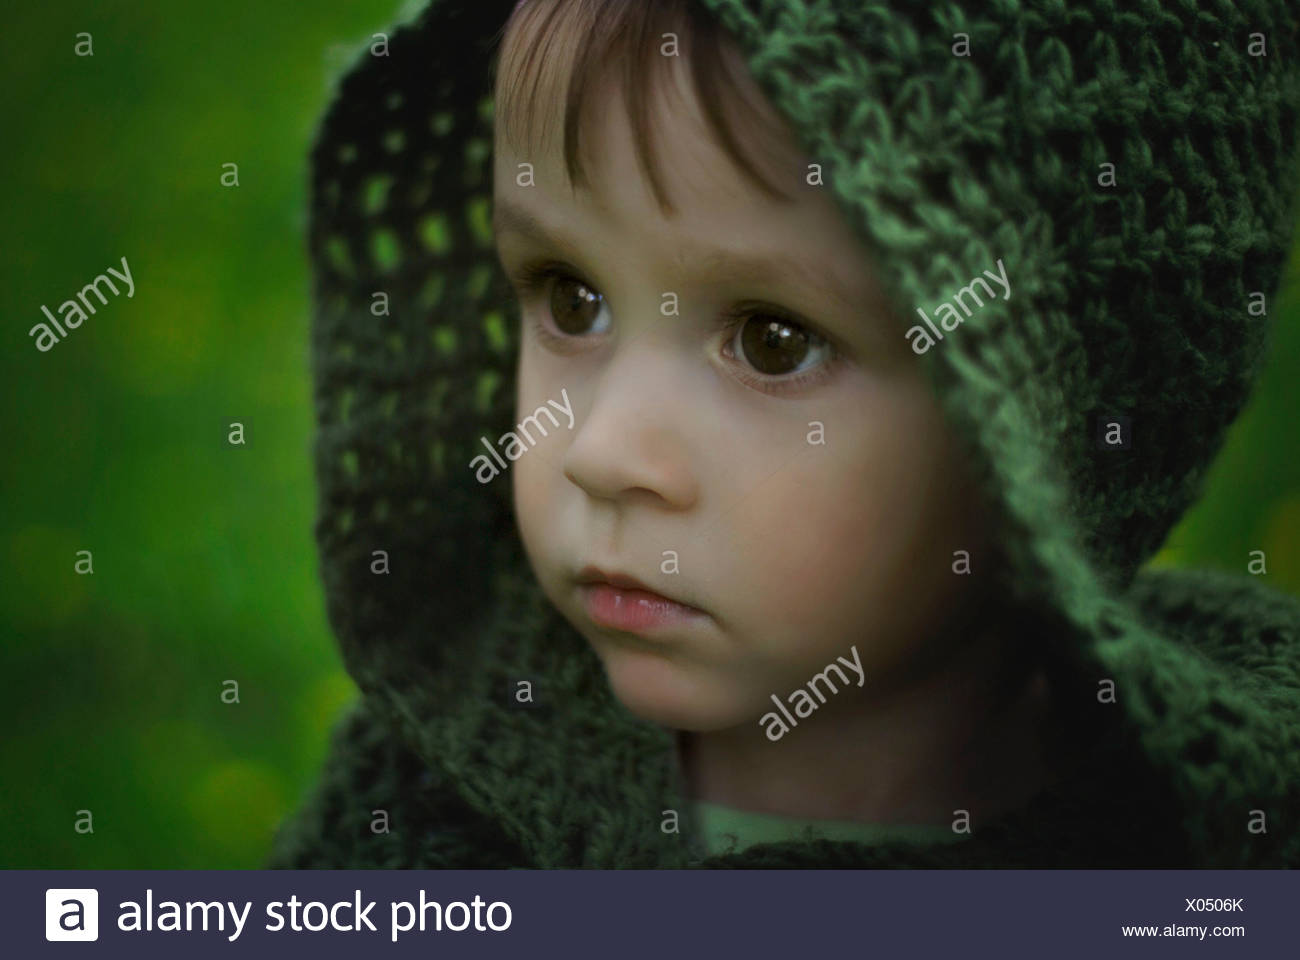 Pologne, Portrait de bébé garçon en vert des bois Photo Stock